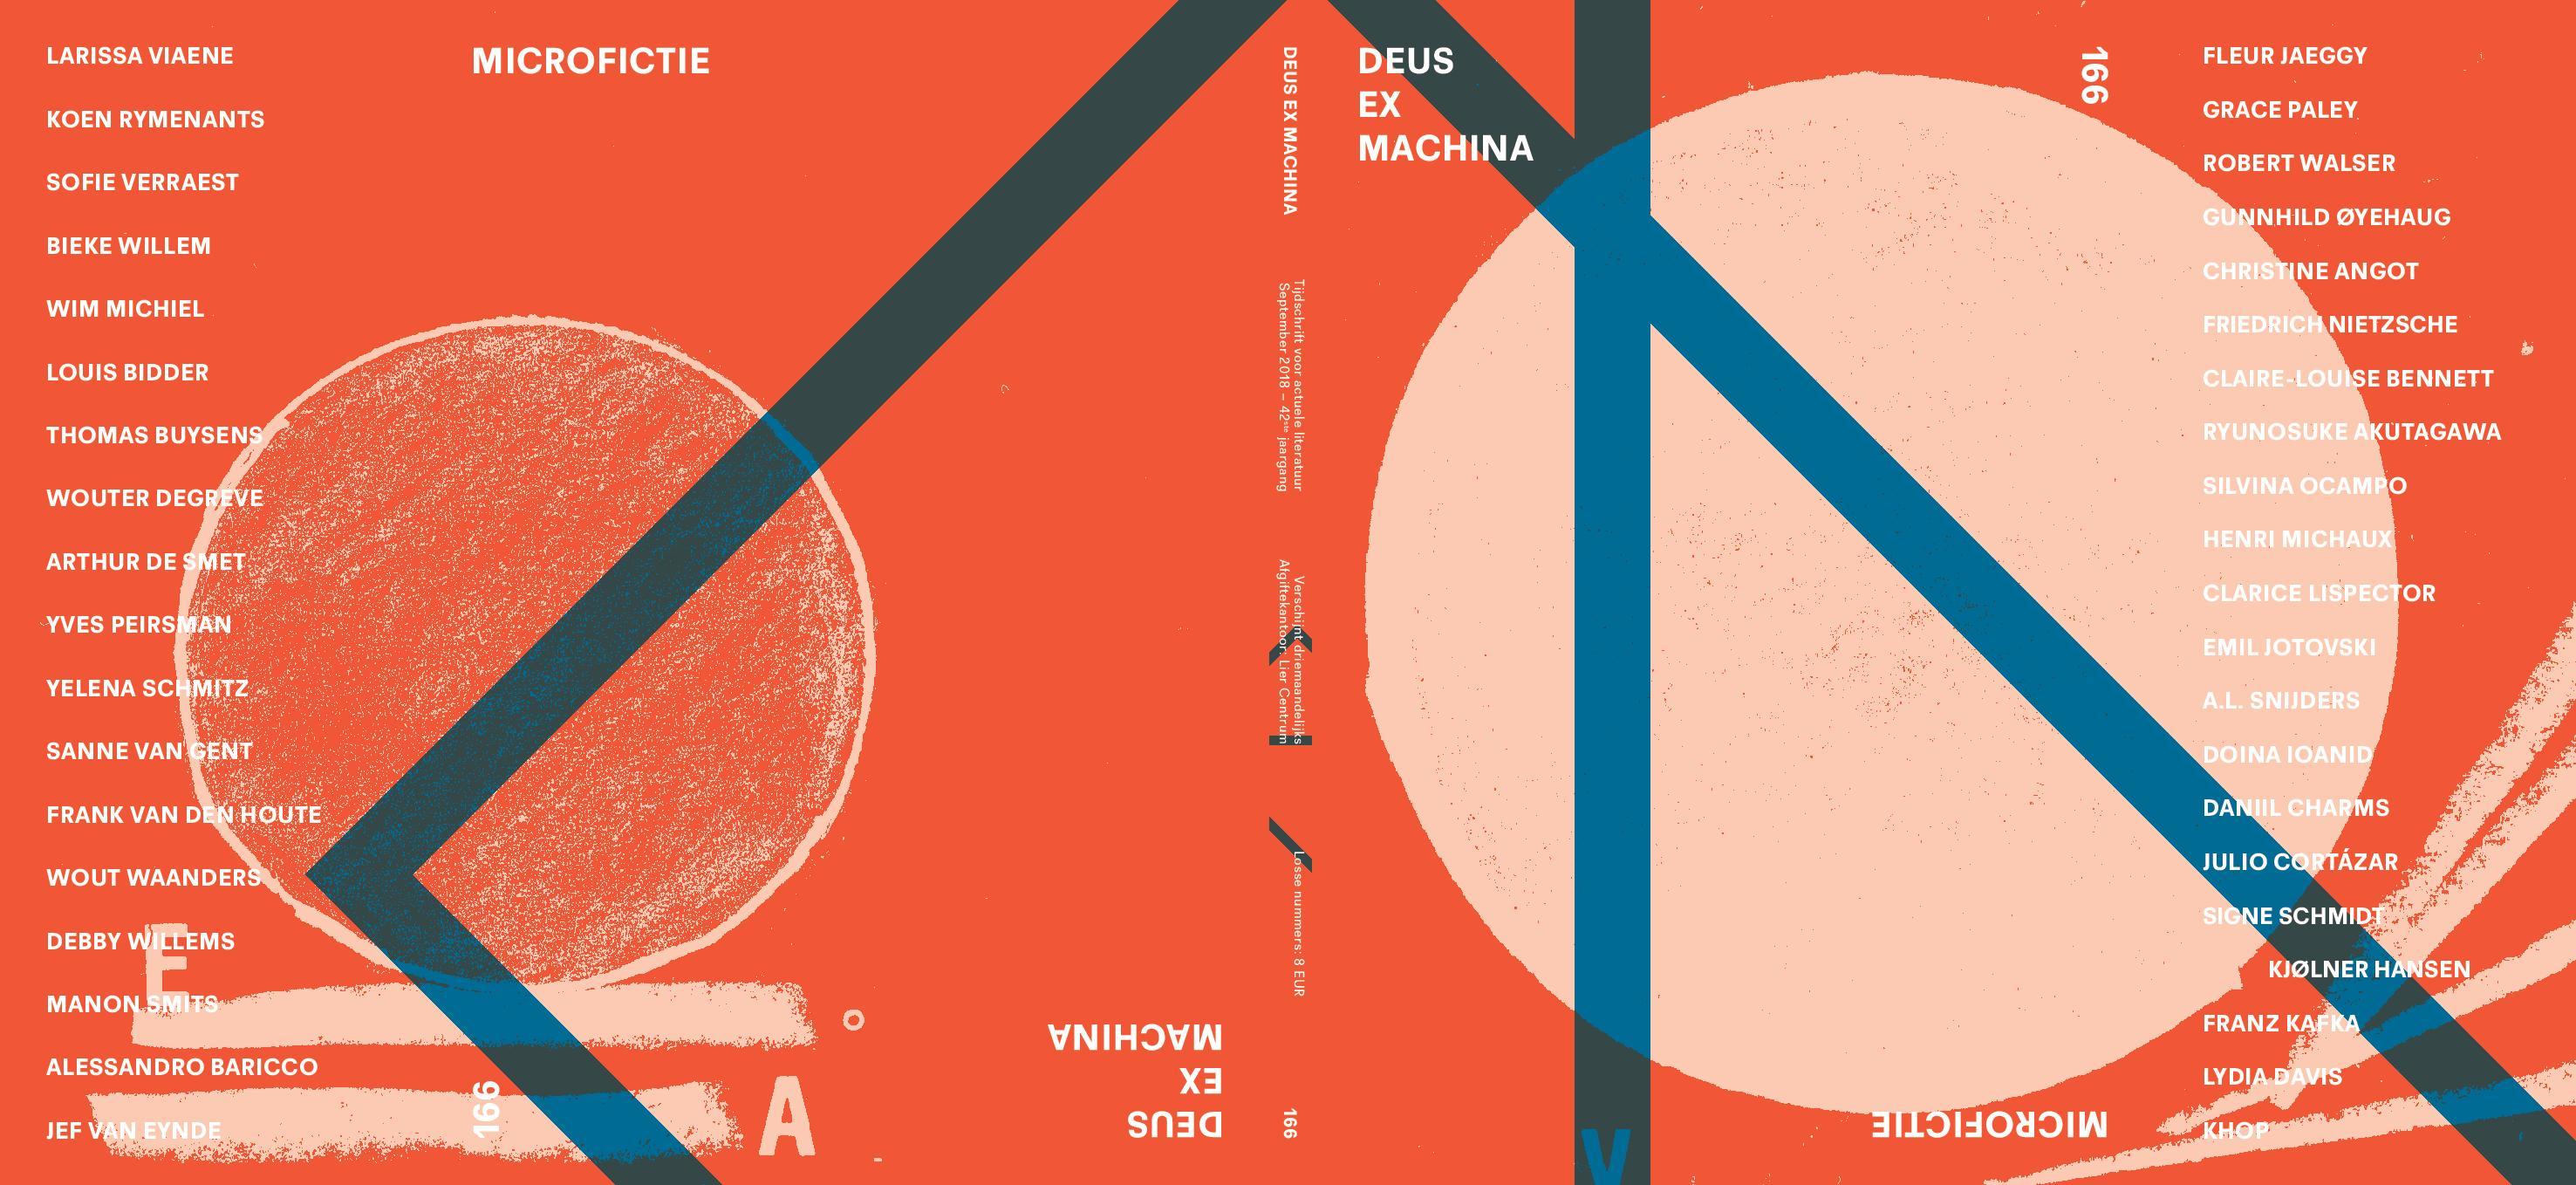 DEUS EX MACHINA NR 166: Microfictie